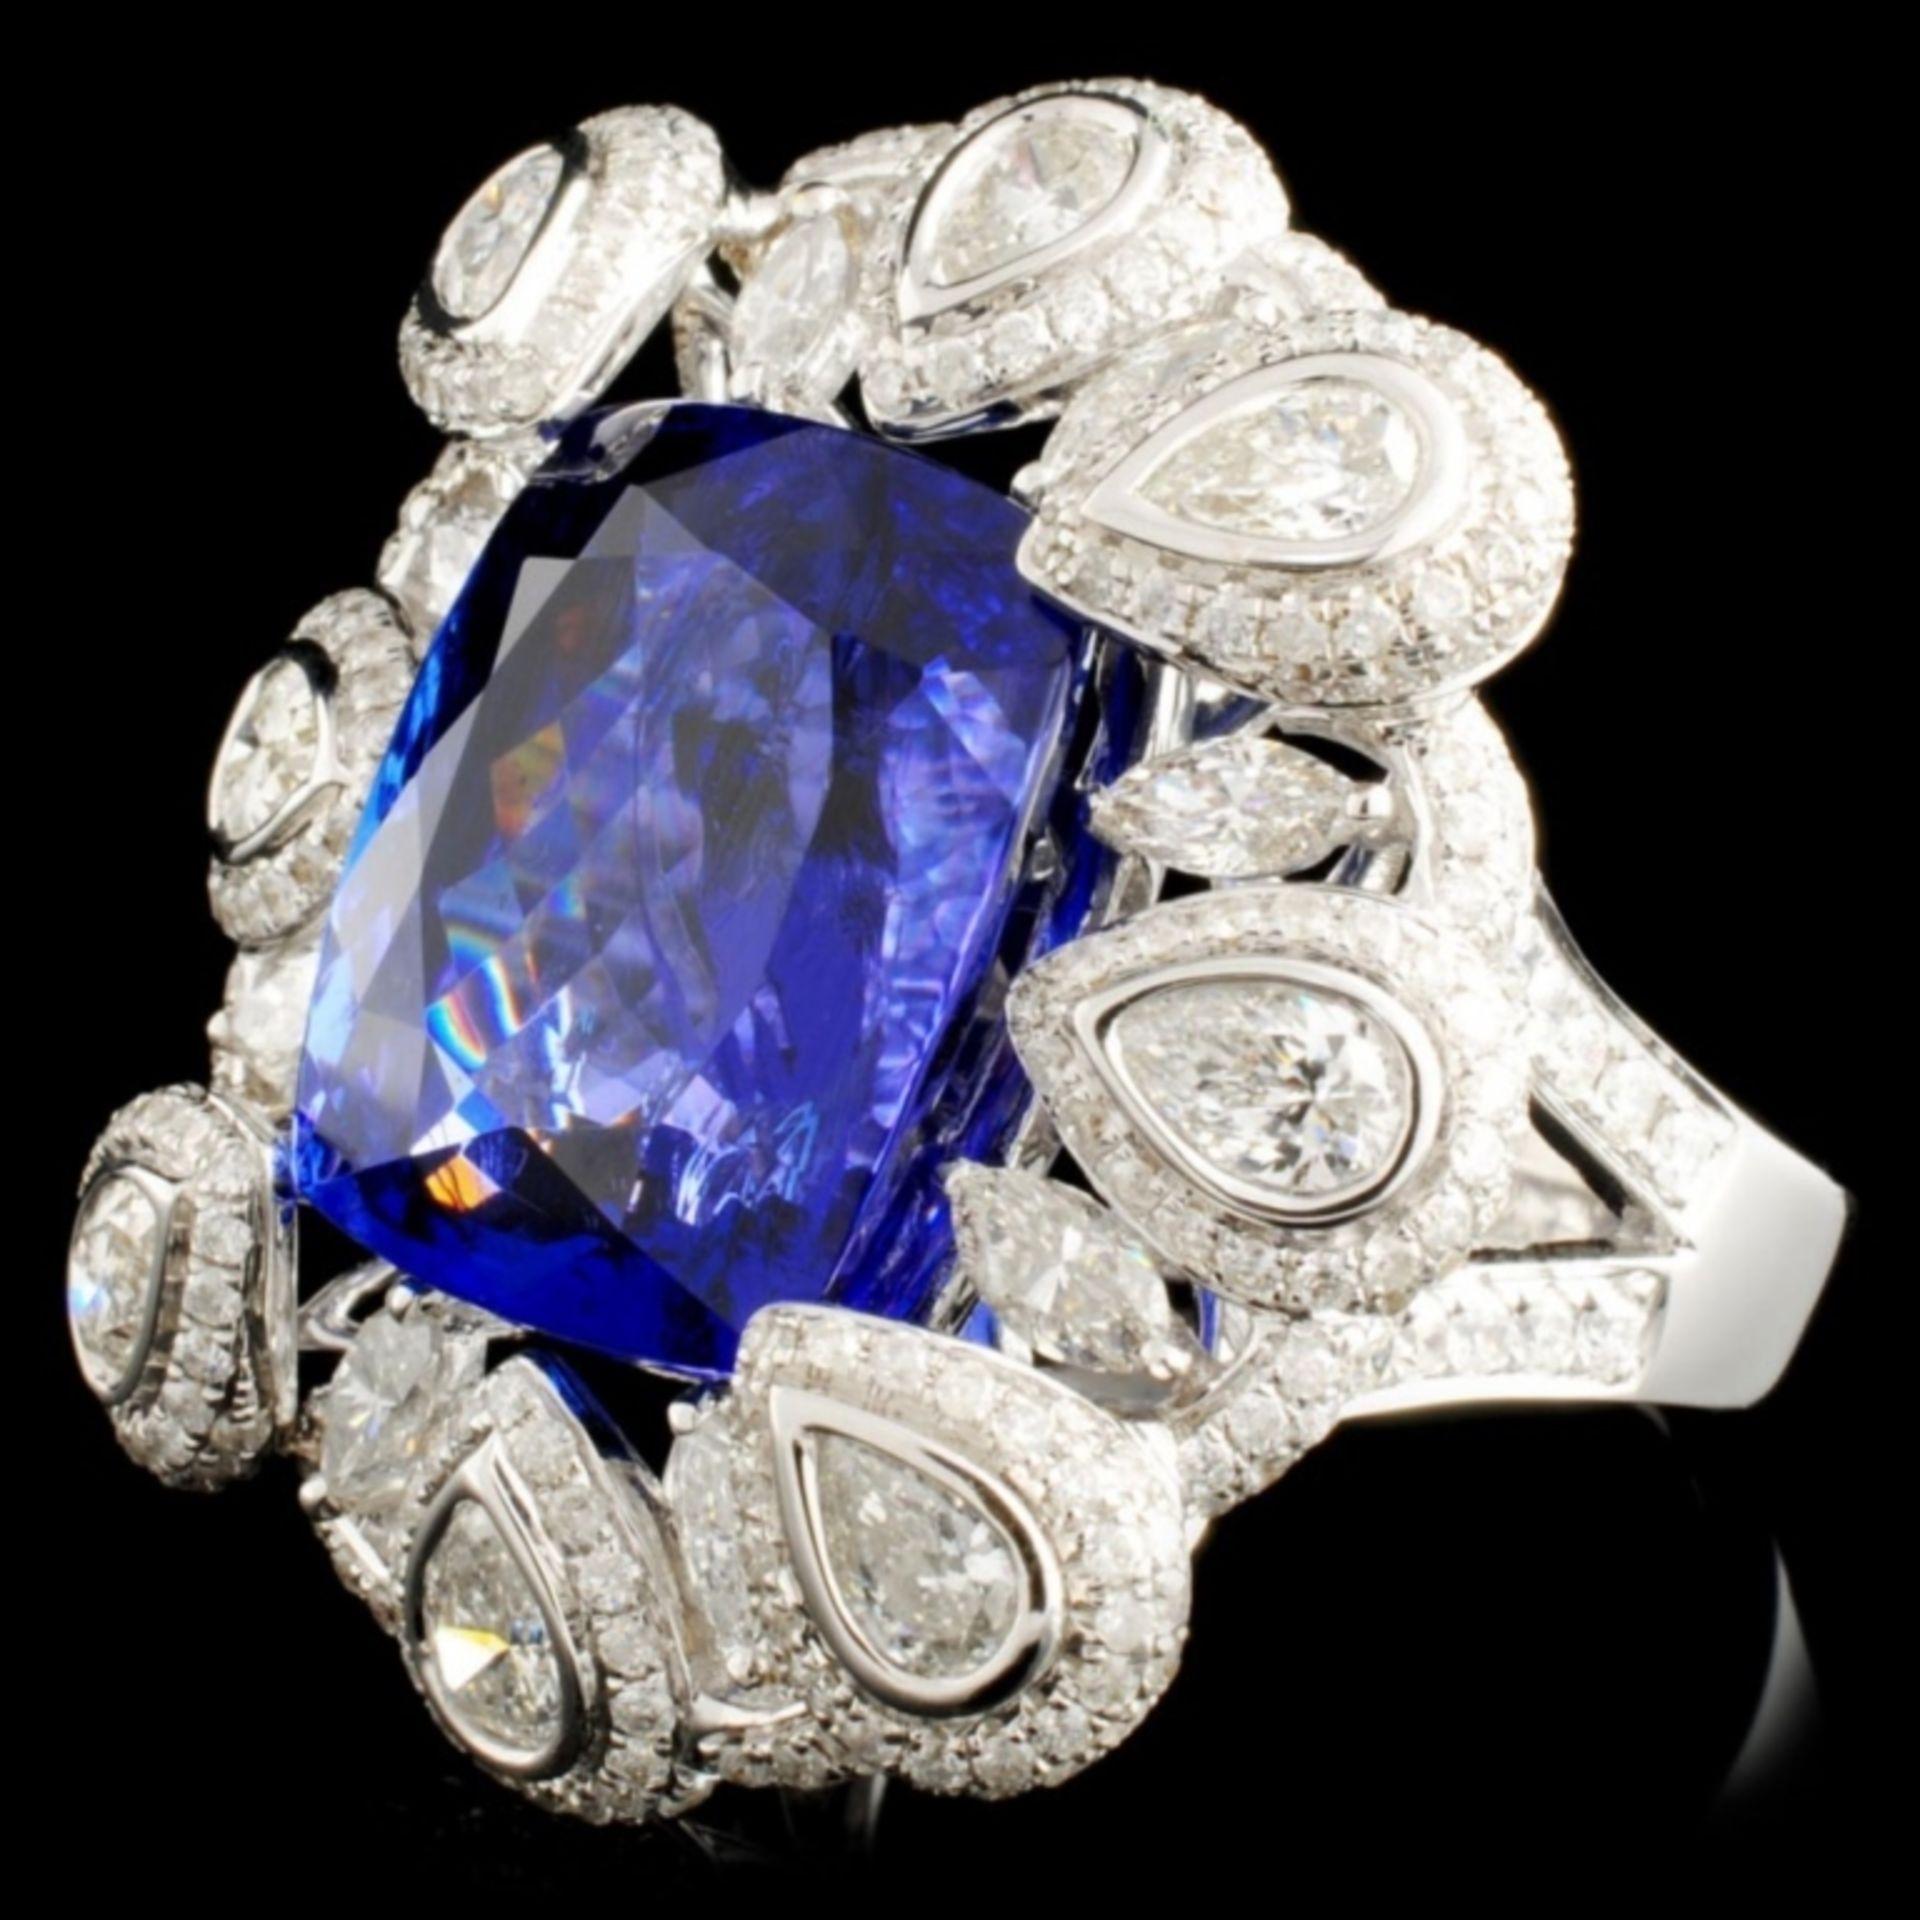 18K Gold 17.56ct Tanzanite & 3.50ctw Diamond Ring - Image 2 of 5